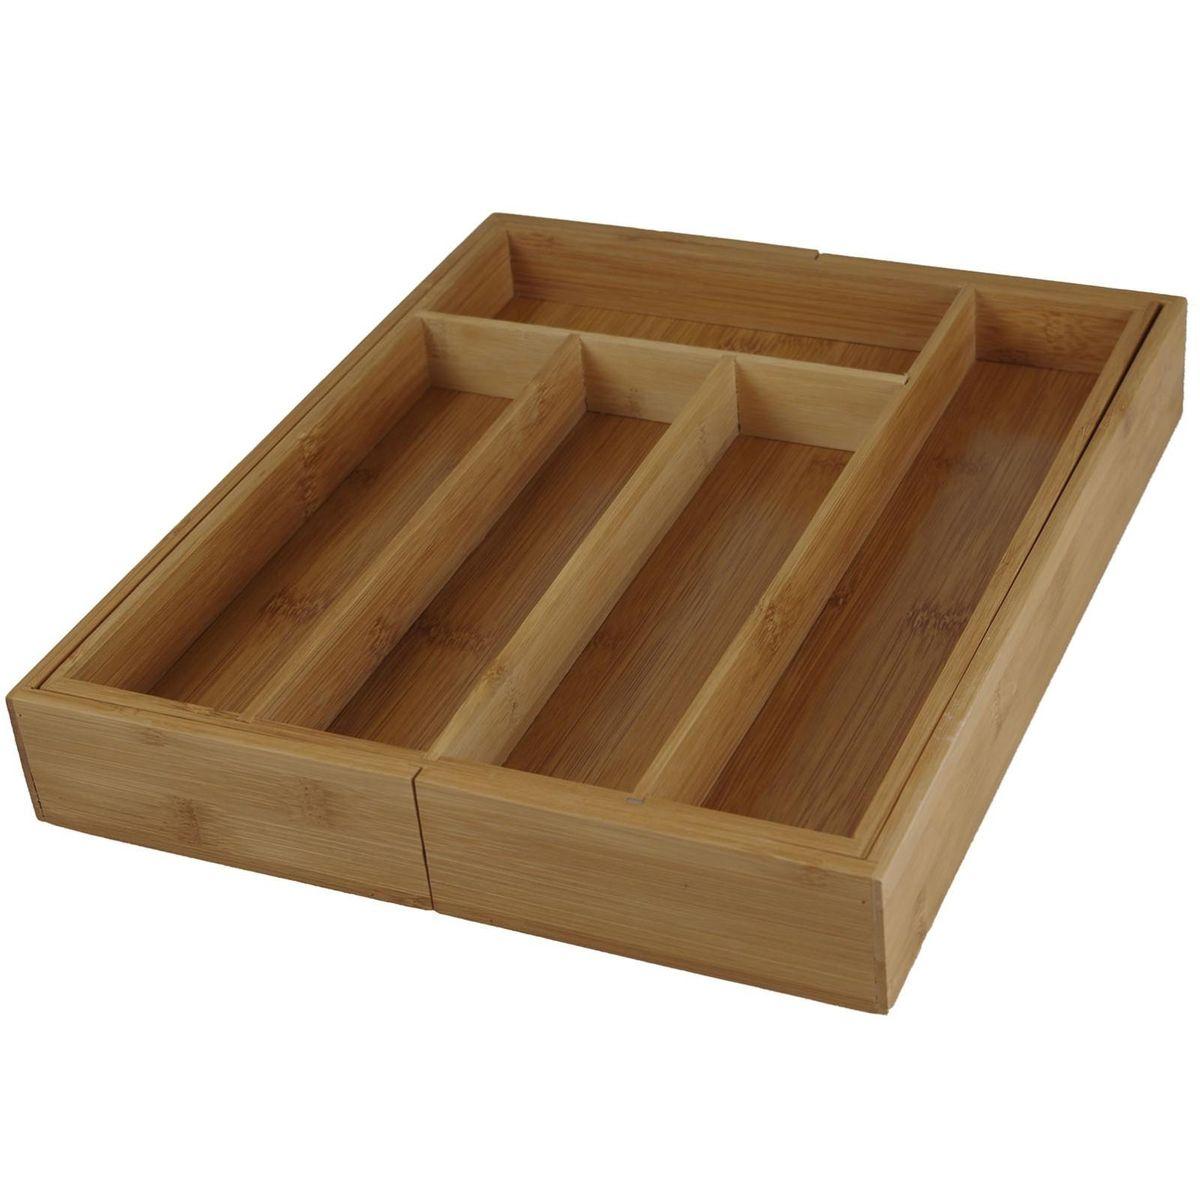 Full Size of Schubladeneinsatz Teller Bambus Besteckkasten Ausziehbar 28 45x33x5cm Schubladen Einsatz Küche Sofa Hersteller Wohnzimmer Schubladeneinsatz Teller